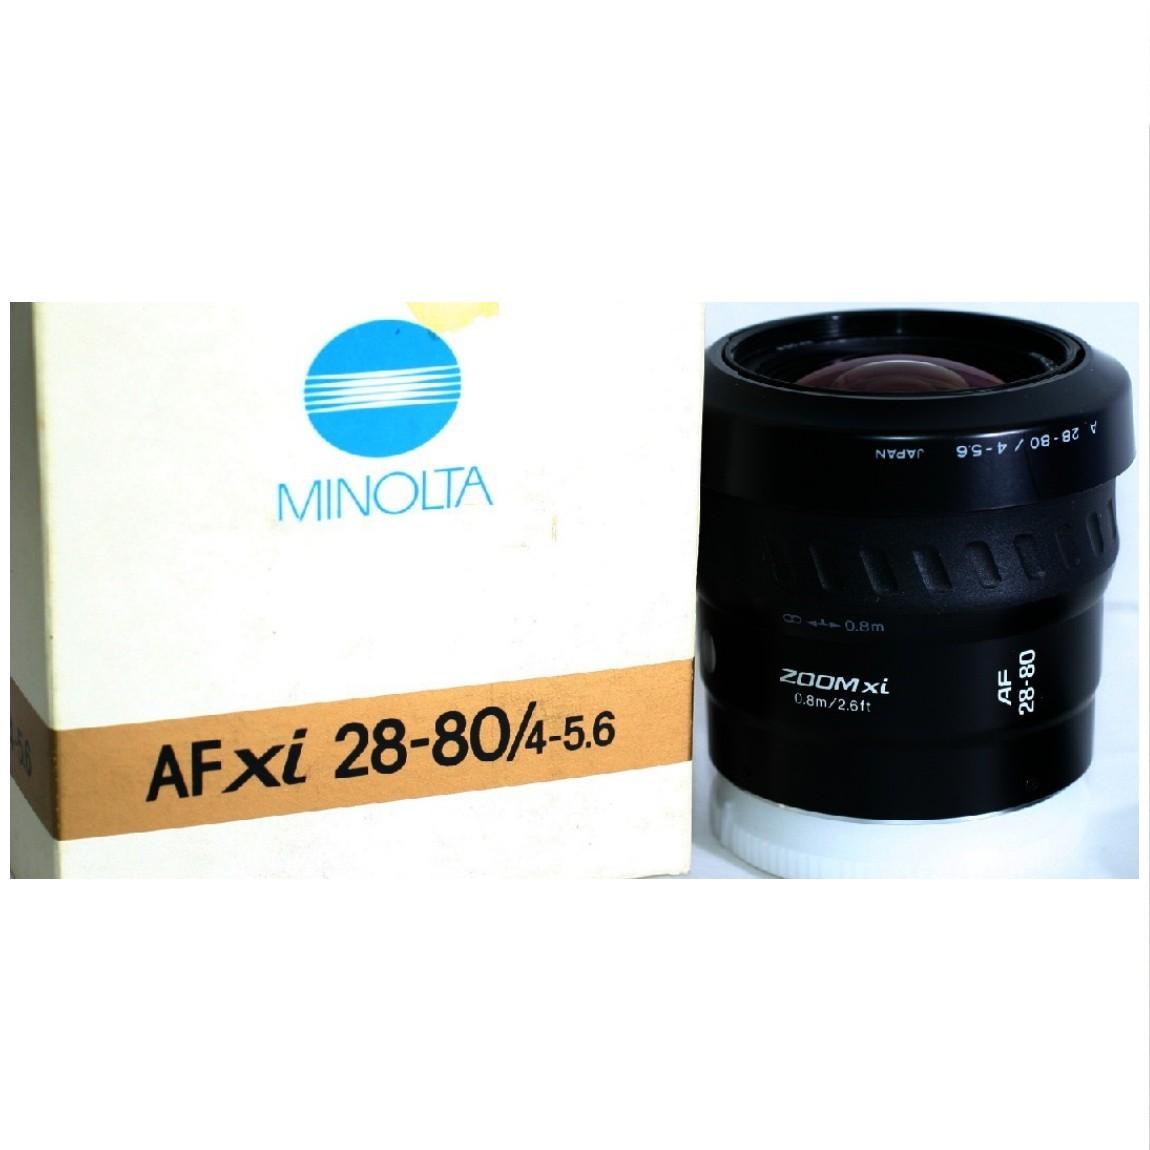 【中古】当時の販売価格3万円長期保管新品未使用ミノルタのソニー1眼レフデジタルカメラ使用可能AFXI28-80/4-5,6パワーズームレンズ 1ヶ月保証付き